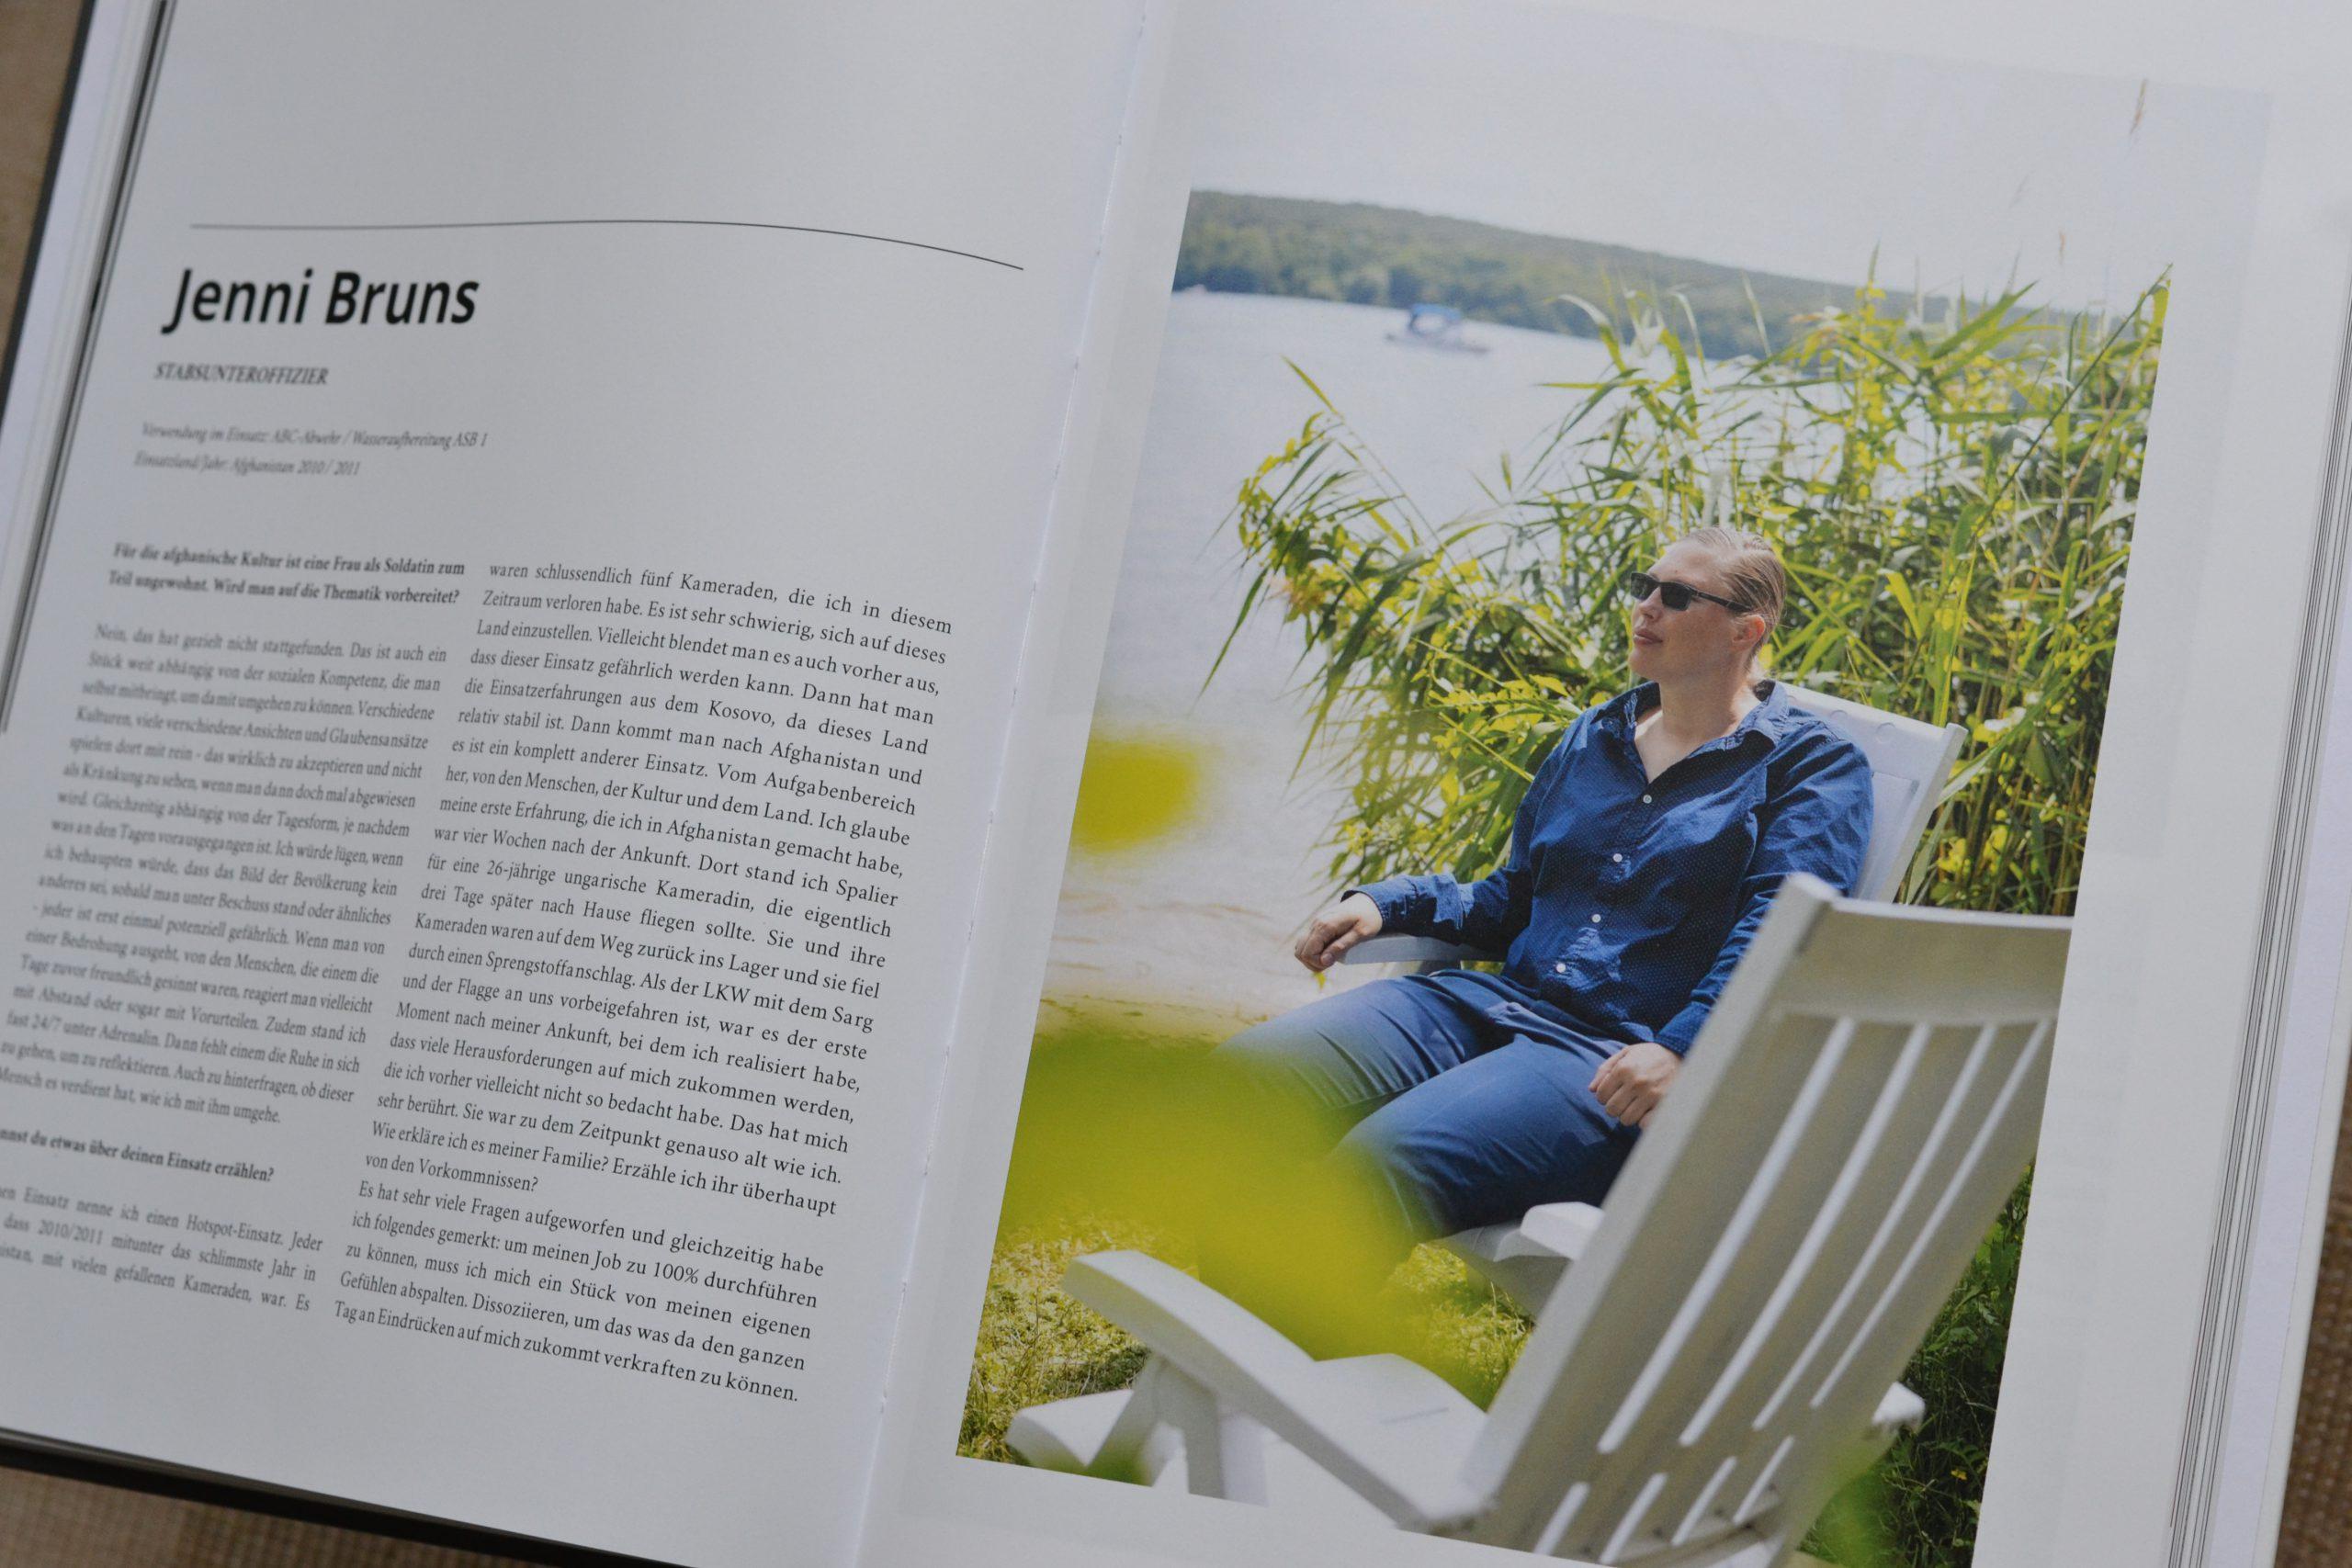 Ein aufgeschlagenes Buch zeigt rechts eine Frau mit Sonnenbrille in blauer Bluse und Jeans, die an einem sonnigen Tag auf einem weißen Gartenstuhl vor einem See sitzt. Links ist ihr Name - Jenni Bruns - und viel Text gedruckt.